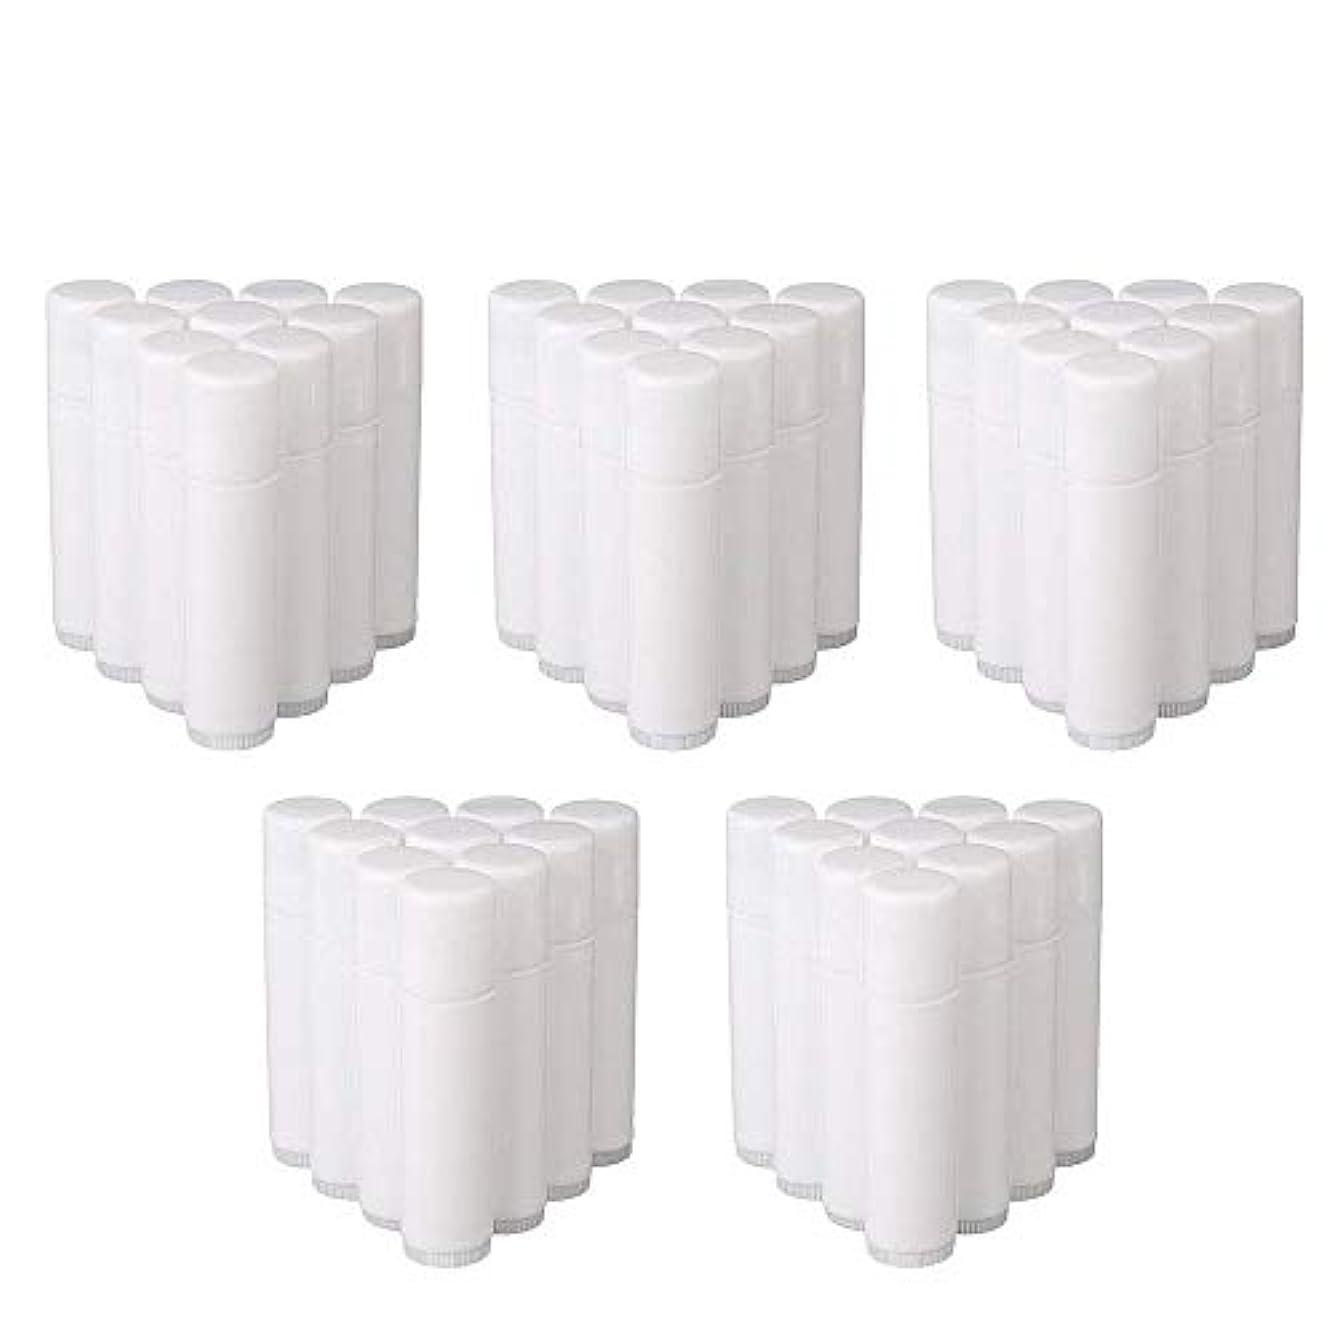 覚えているいろいろおばあさんCOOLBOTANG リップバームチューブ リップクリーム 繰り出し ホワイト 手作りコスメ 手作り化粧品/リップクリーム 50個 5g ミニ 詰め替え容器